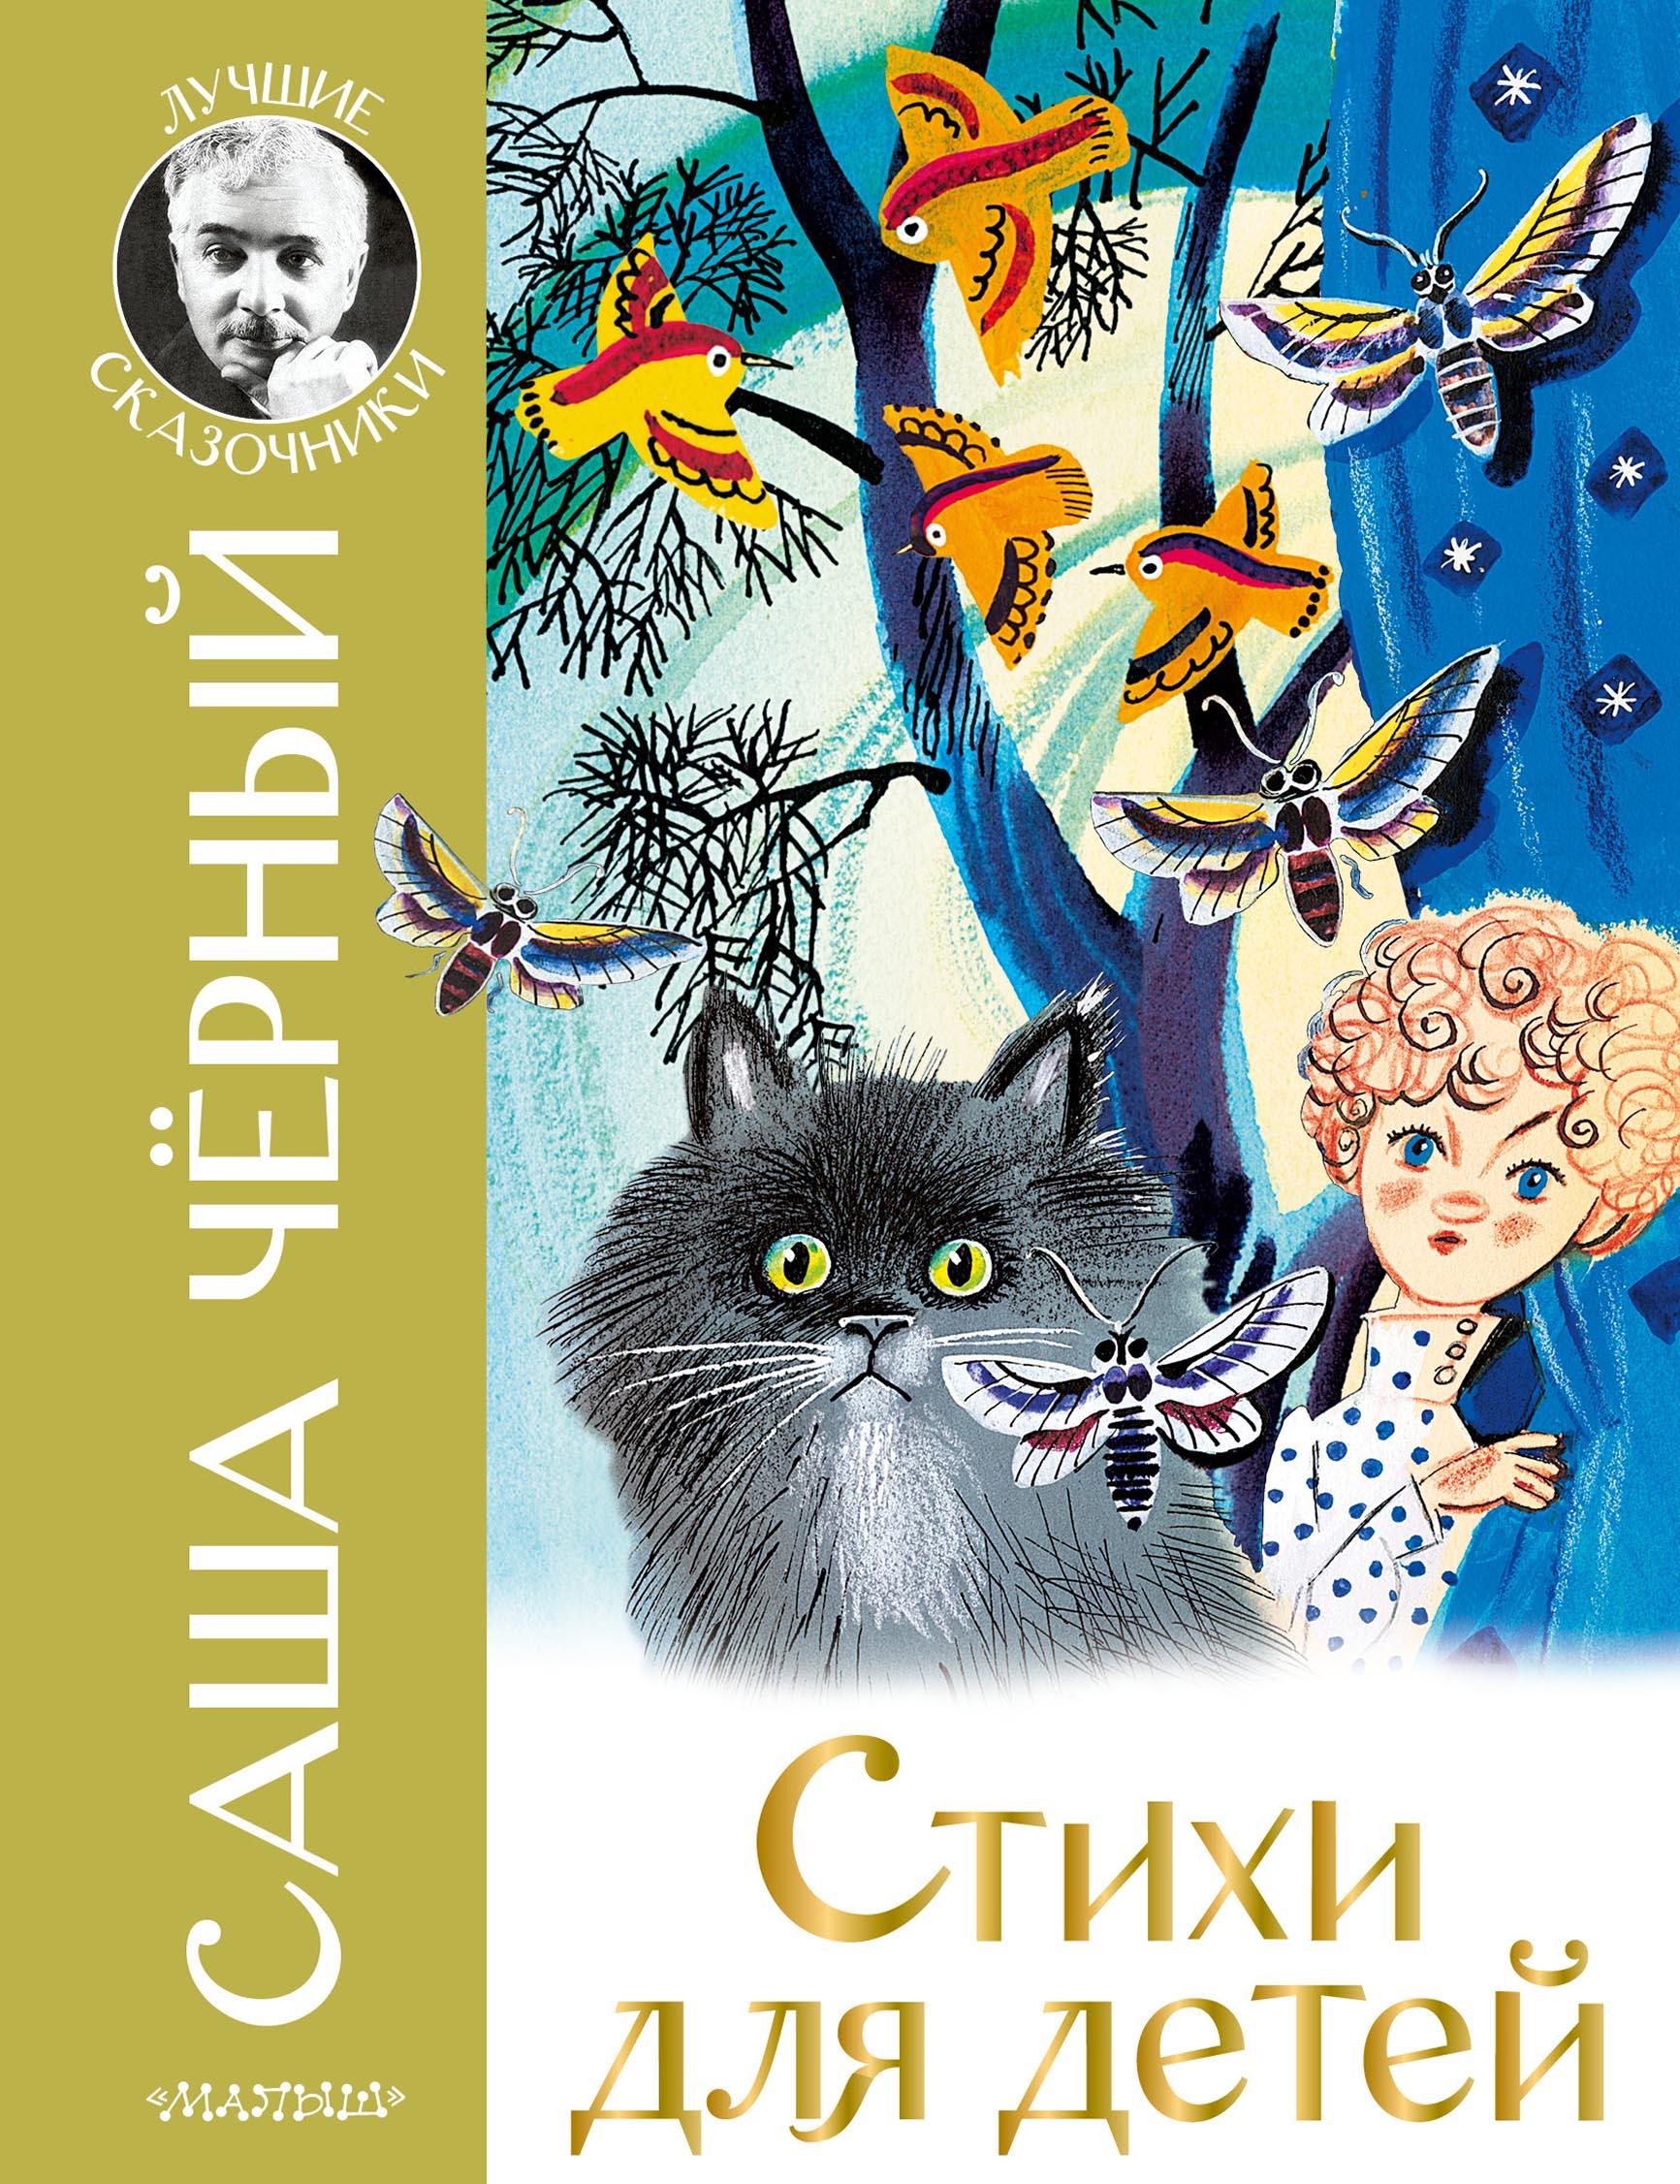 Саша Чёрный, Стихи для детей – скачать pdf на ЛитРес